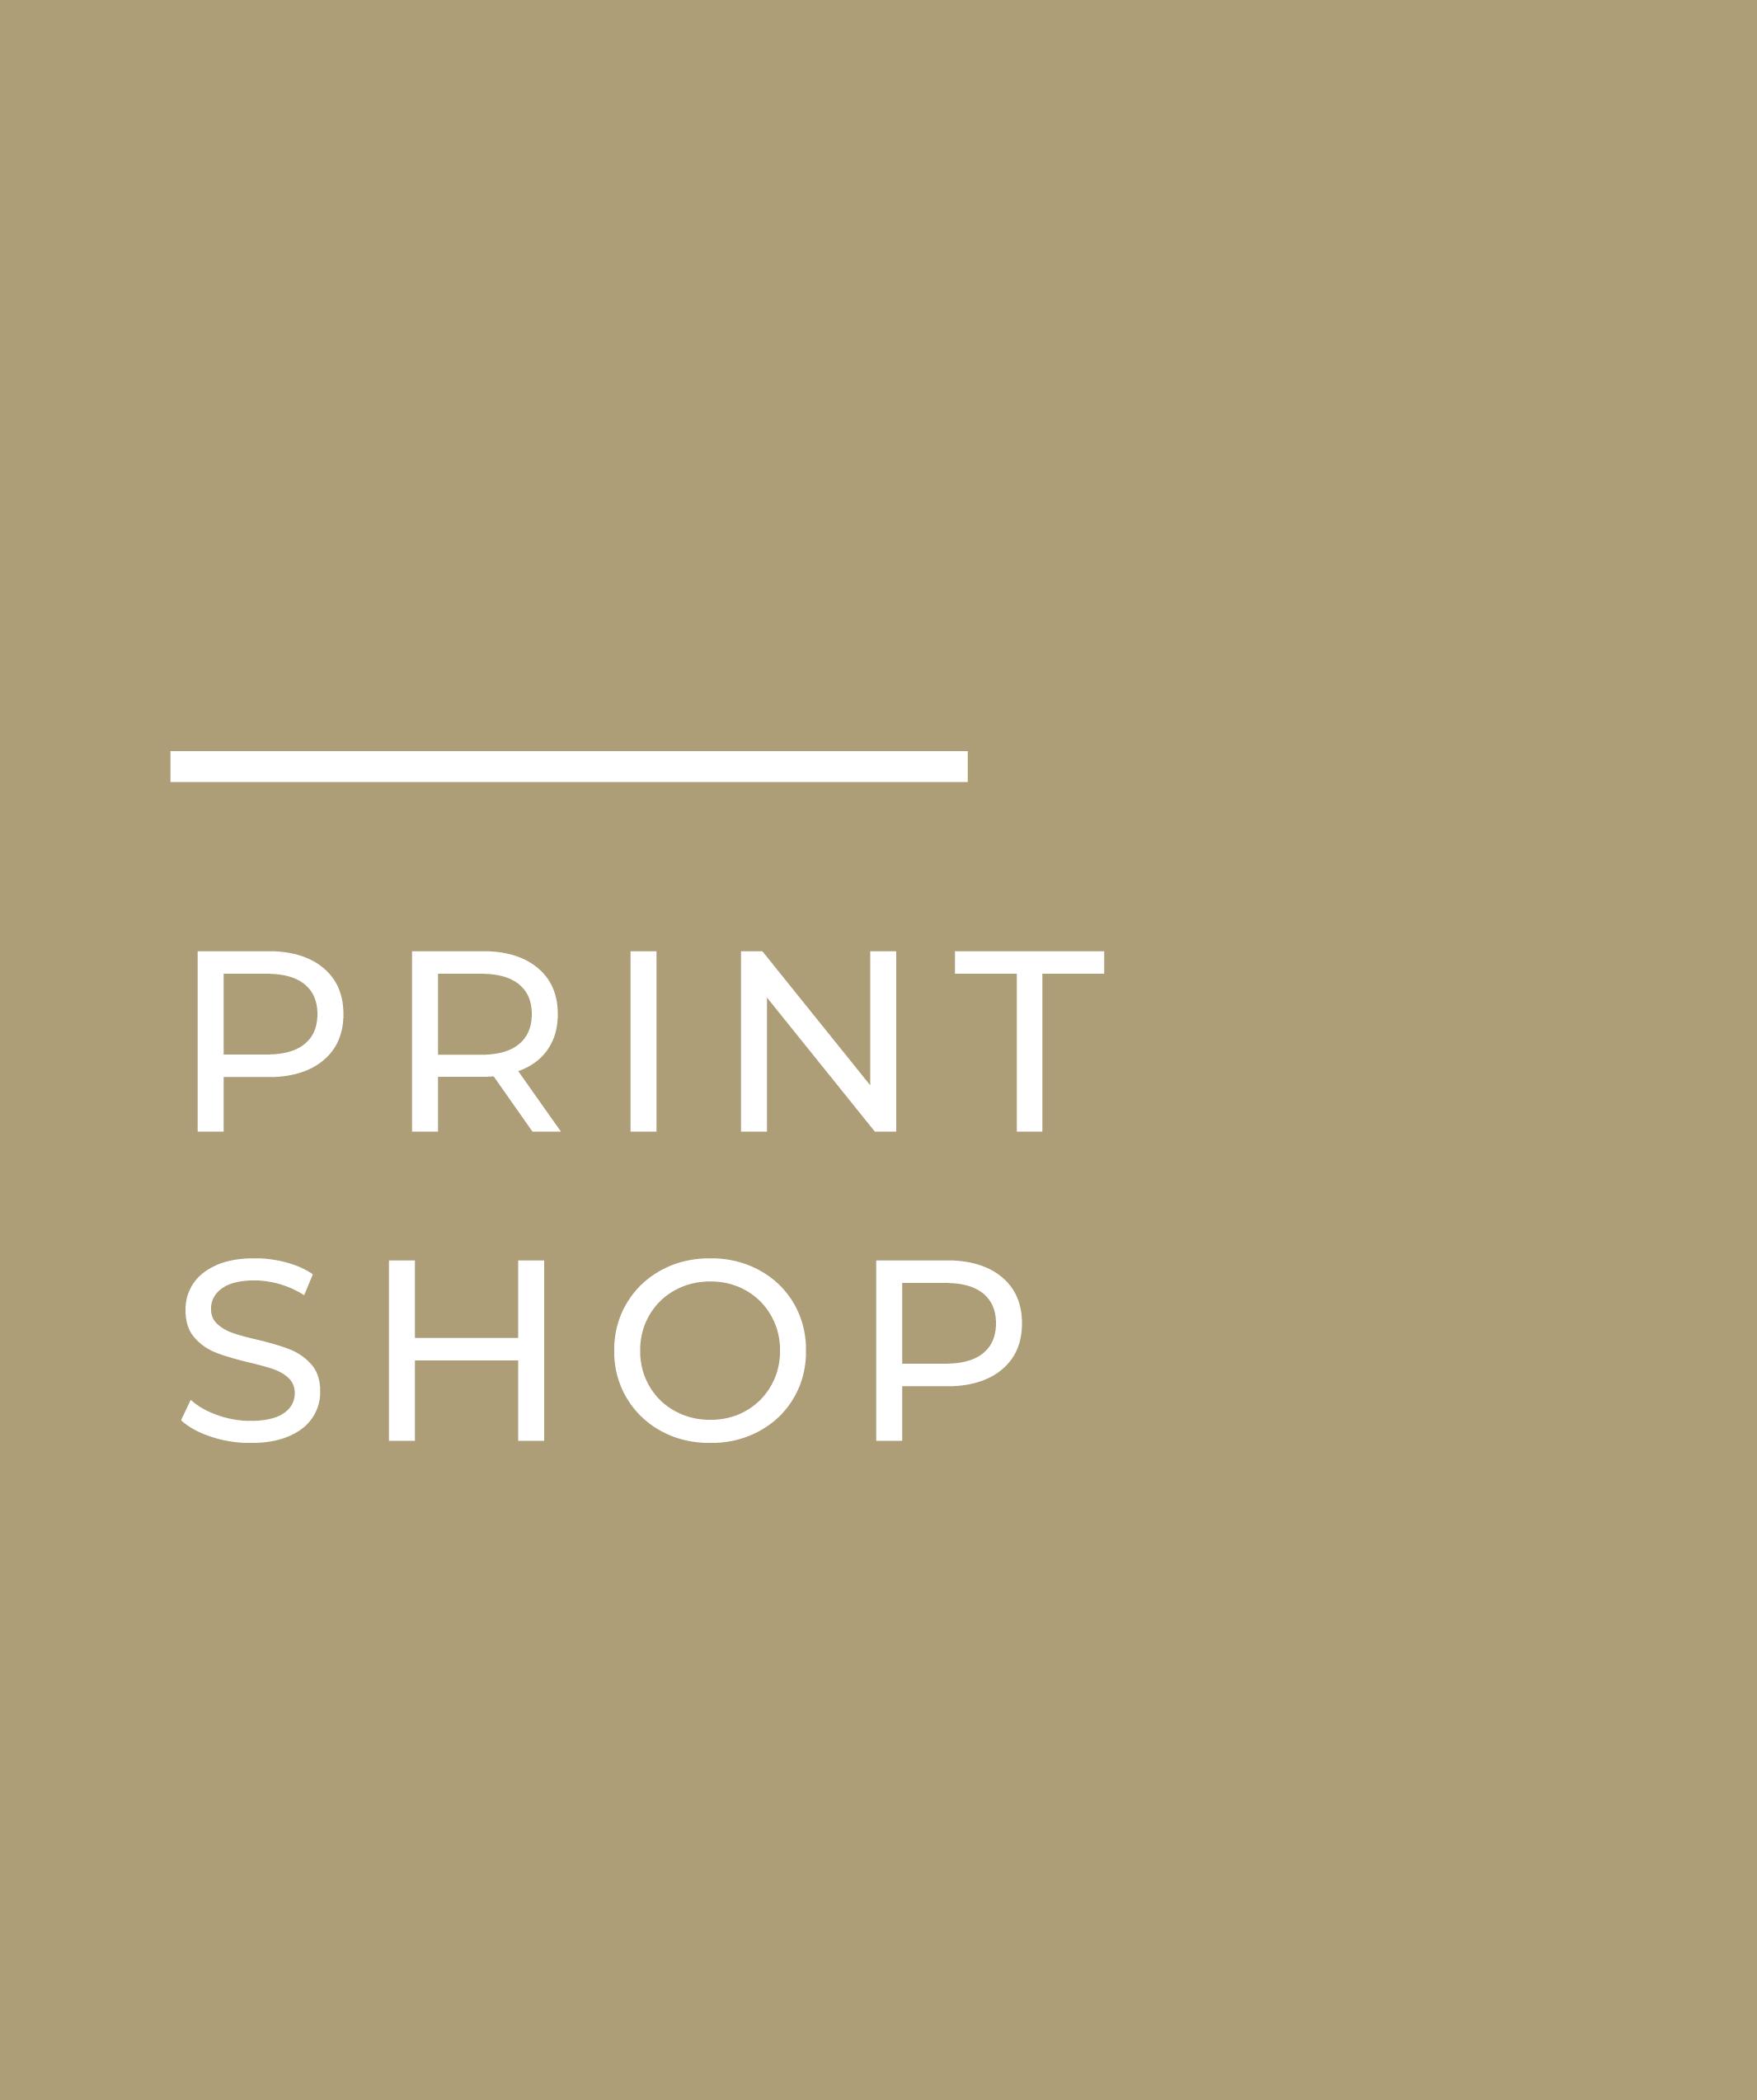 print-shop.png